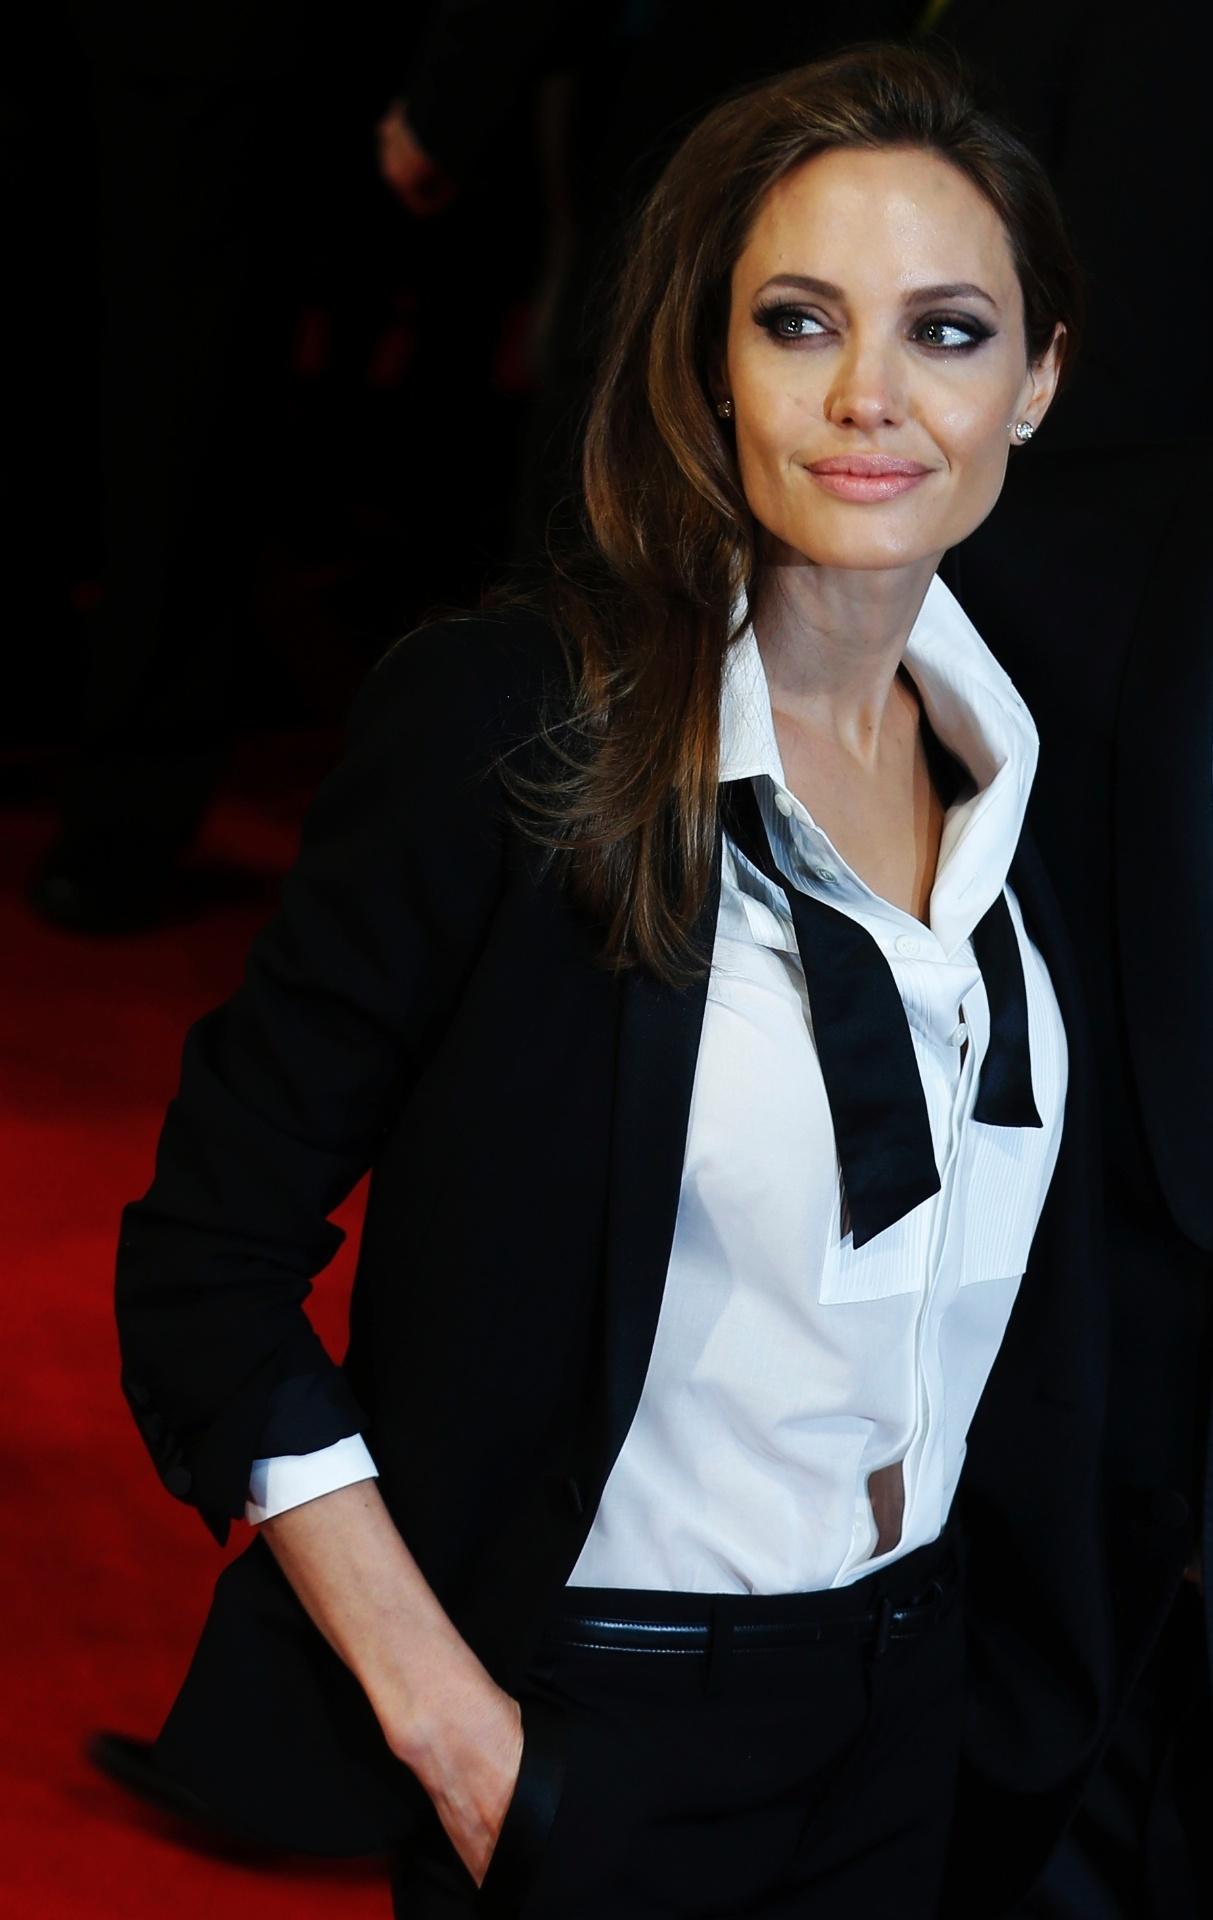 16.fev.2014 - Angelina Jolie no tapete vermelho do BAFTA 2014. A premiação acontece no Royal Opera House, em Londres, na noite deste domingo (16)